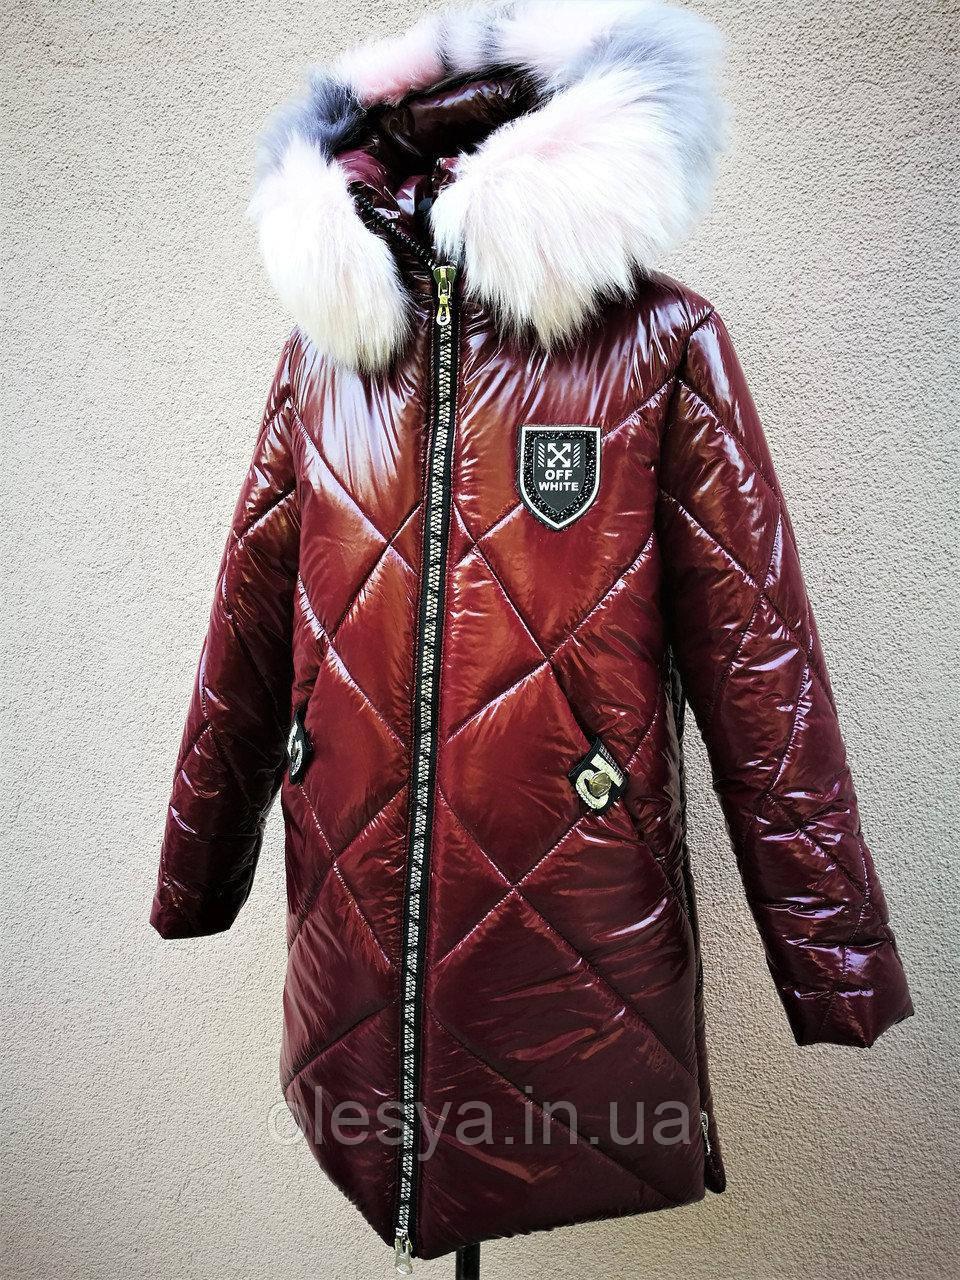 Куртка удиненная, зимнее пальто Венеция Размеры 128- 140